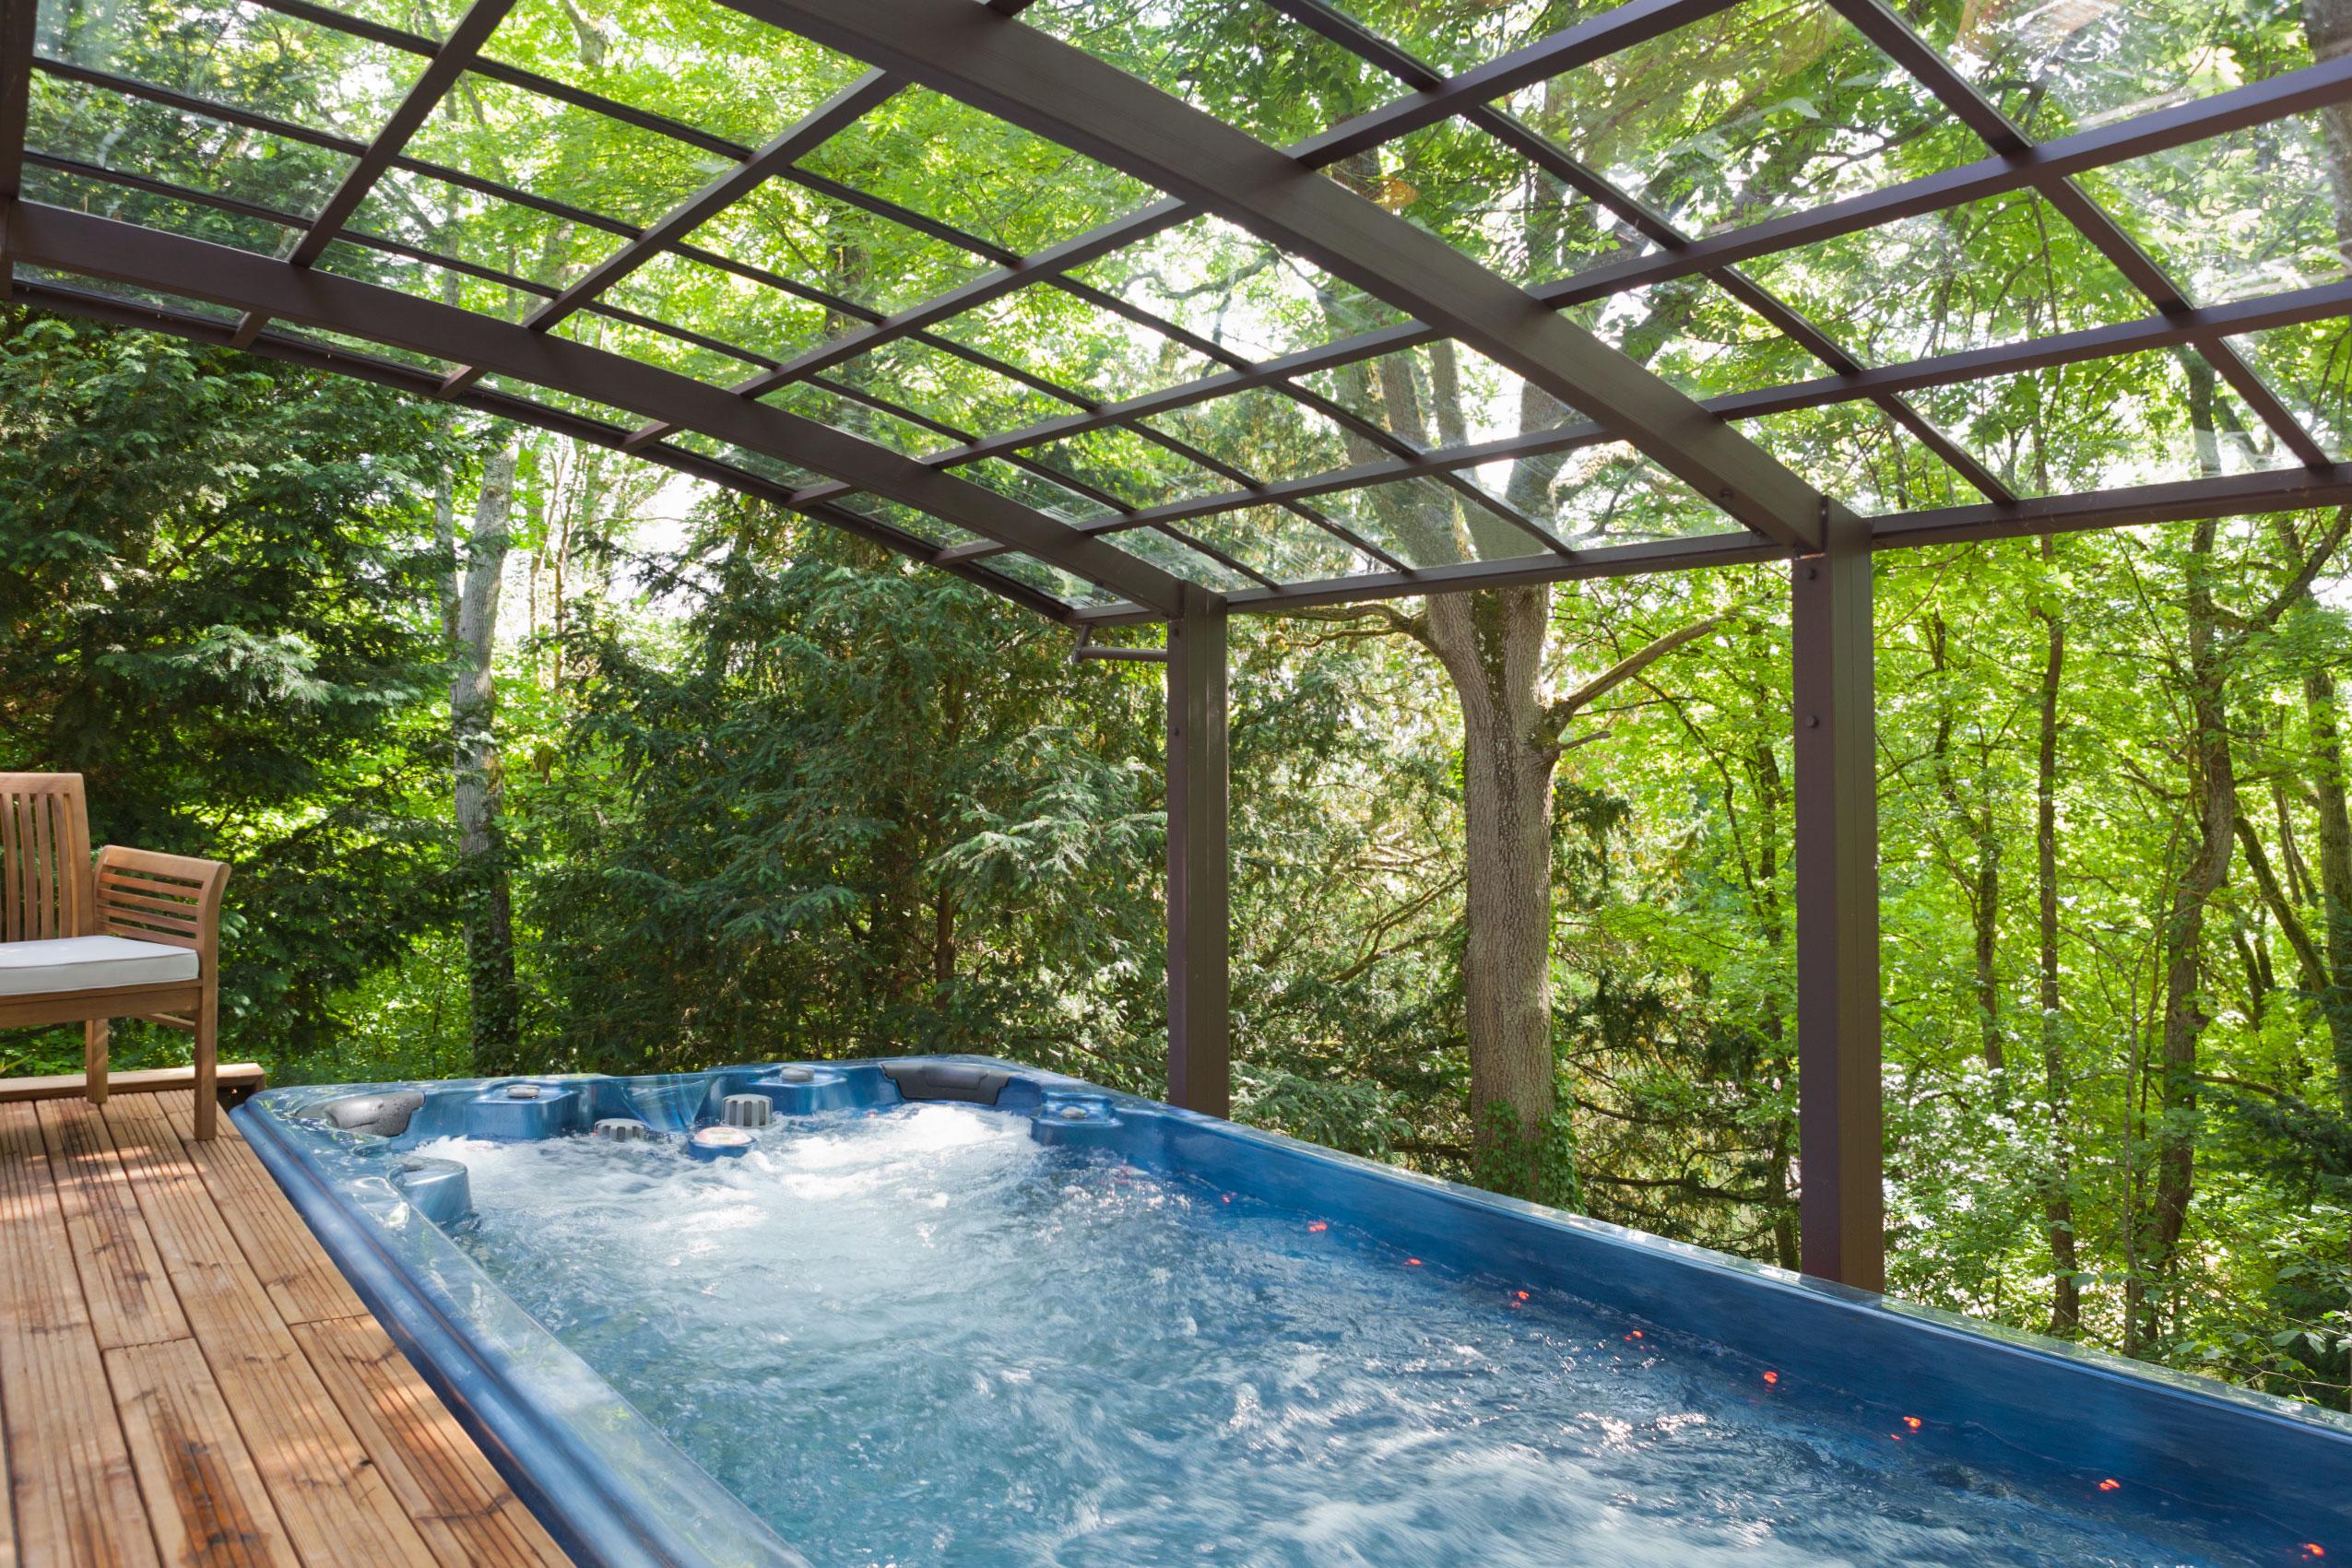 Abris De Spa Rond installation d'un spa de nage à méréville - 2 (91) - détente